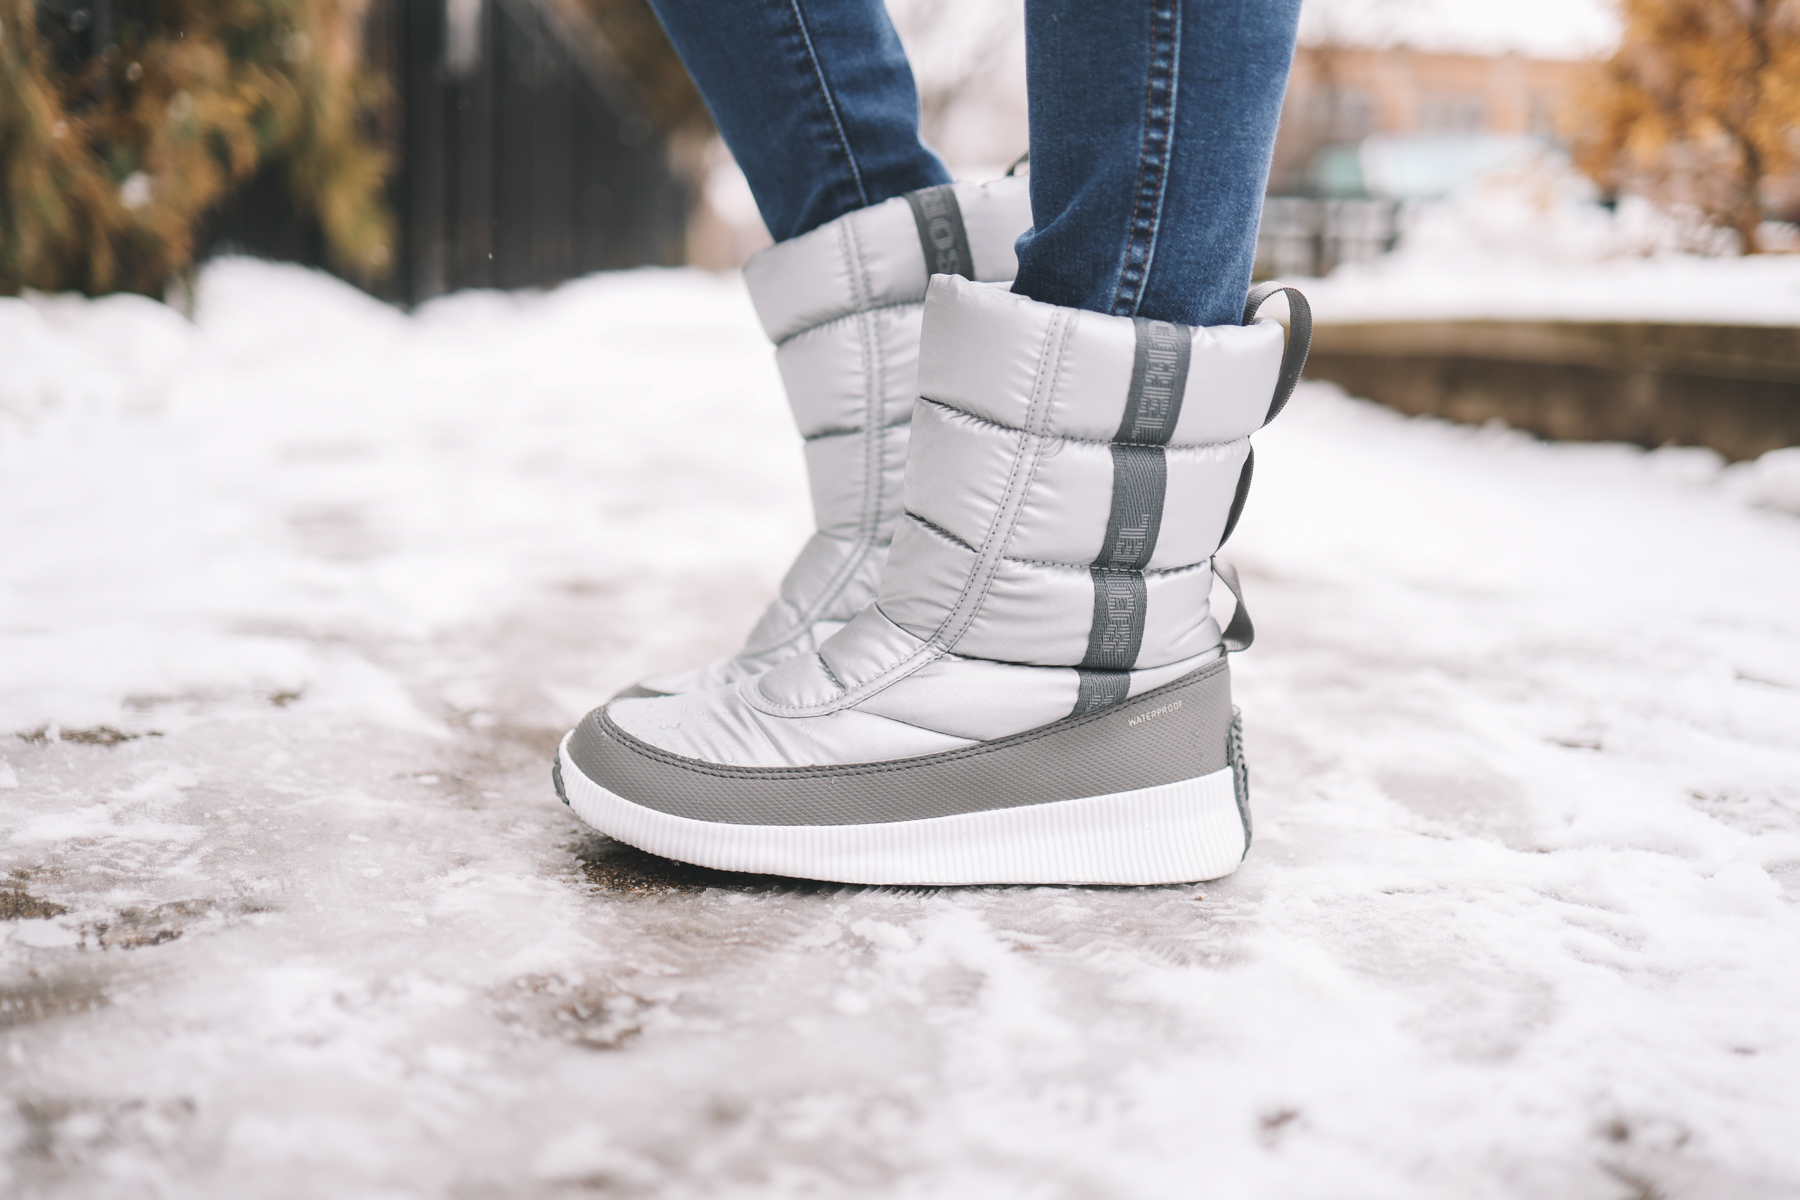 Sorel Waterproof Snow Boots